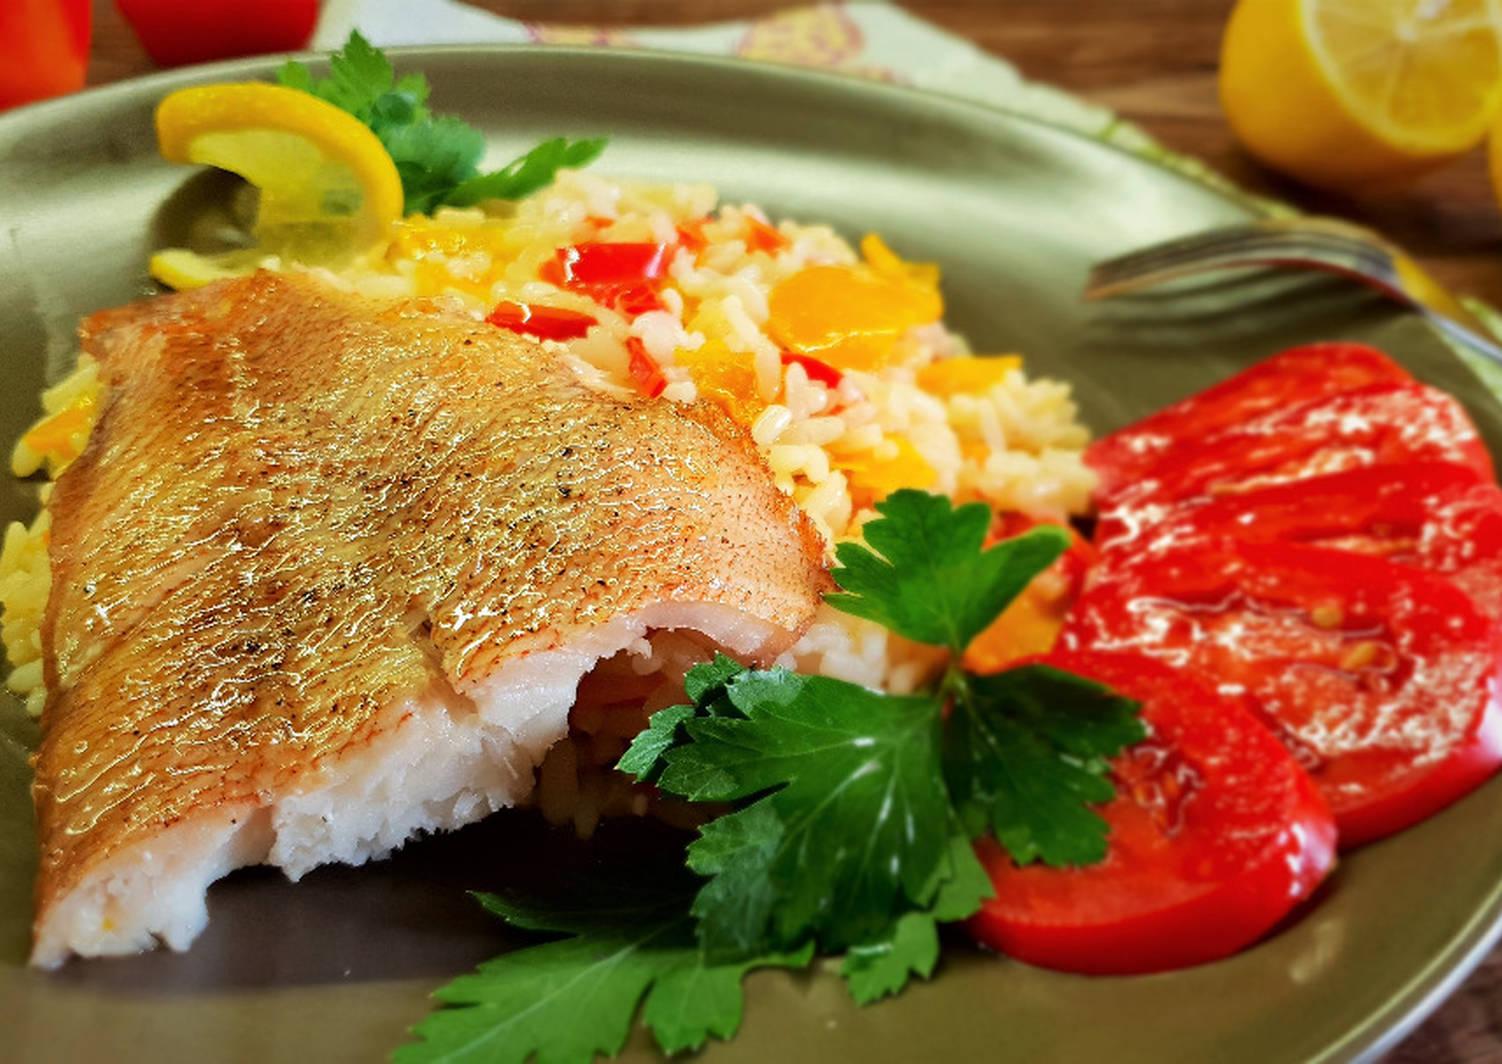 таком комфортно блюда из морского окуня рецепты с фото вдобавок можете получать